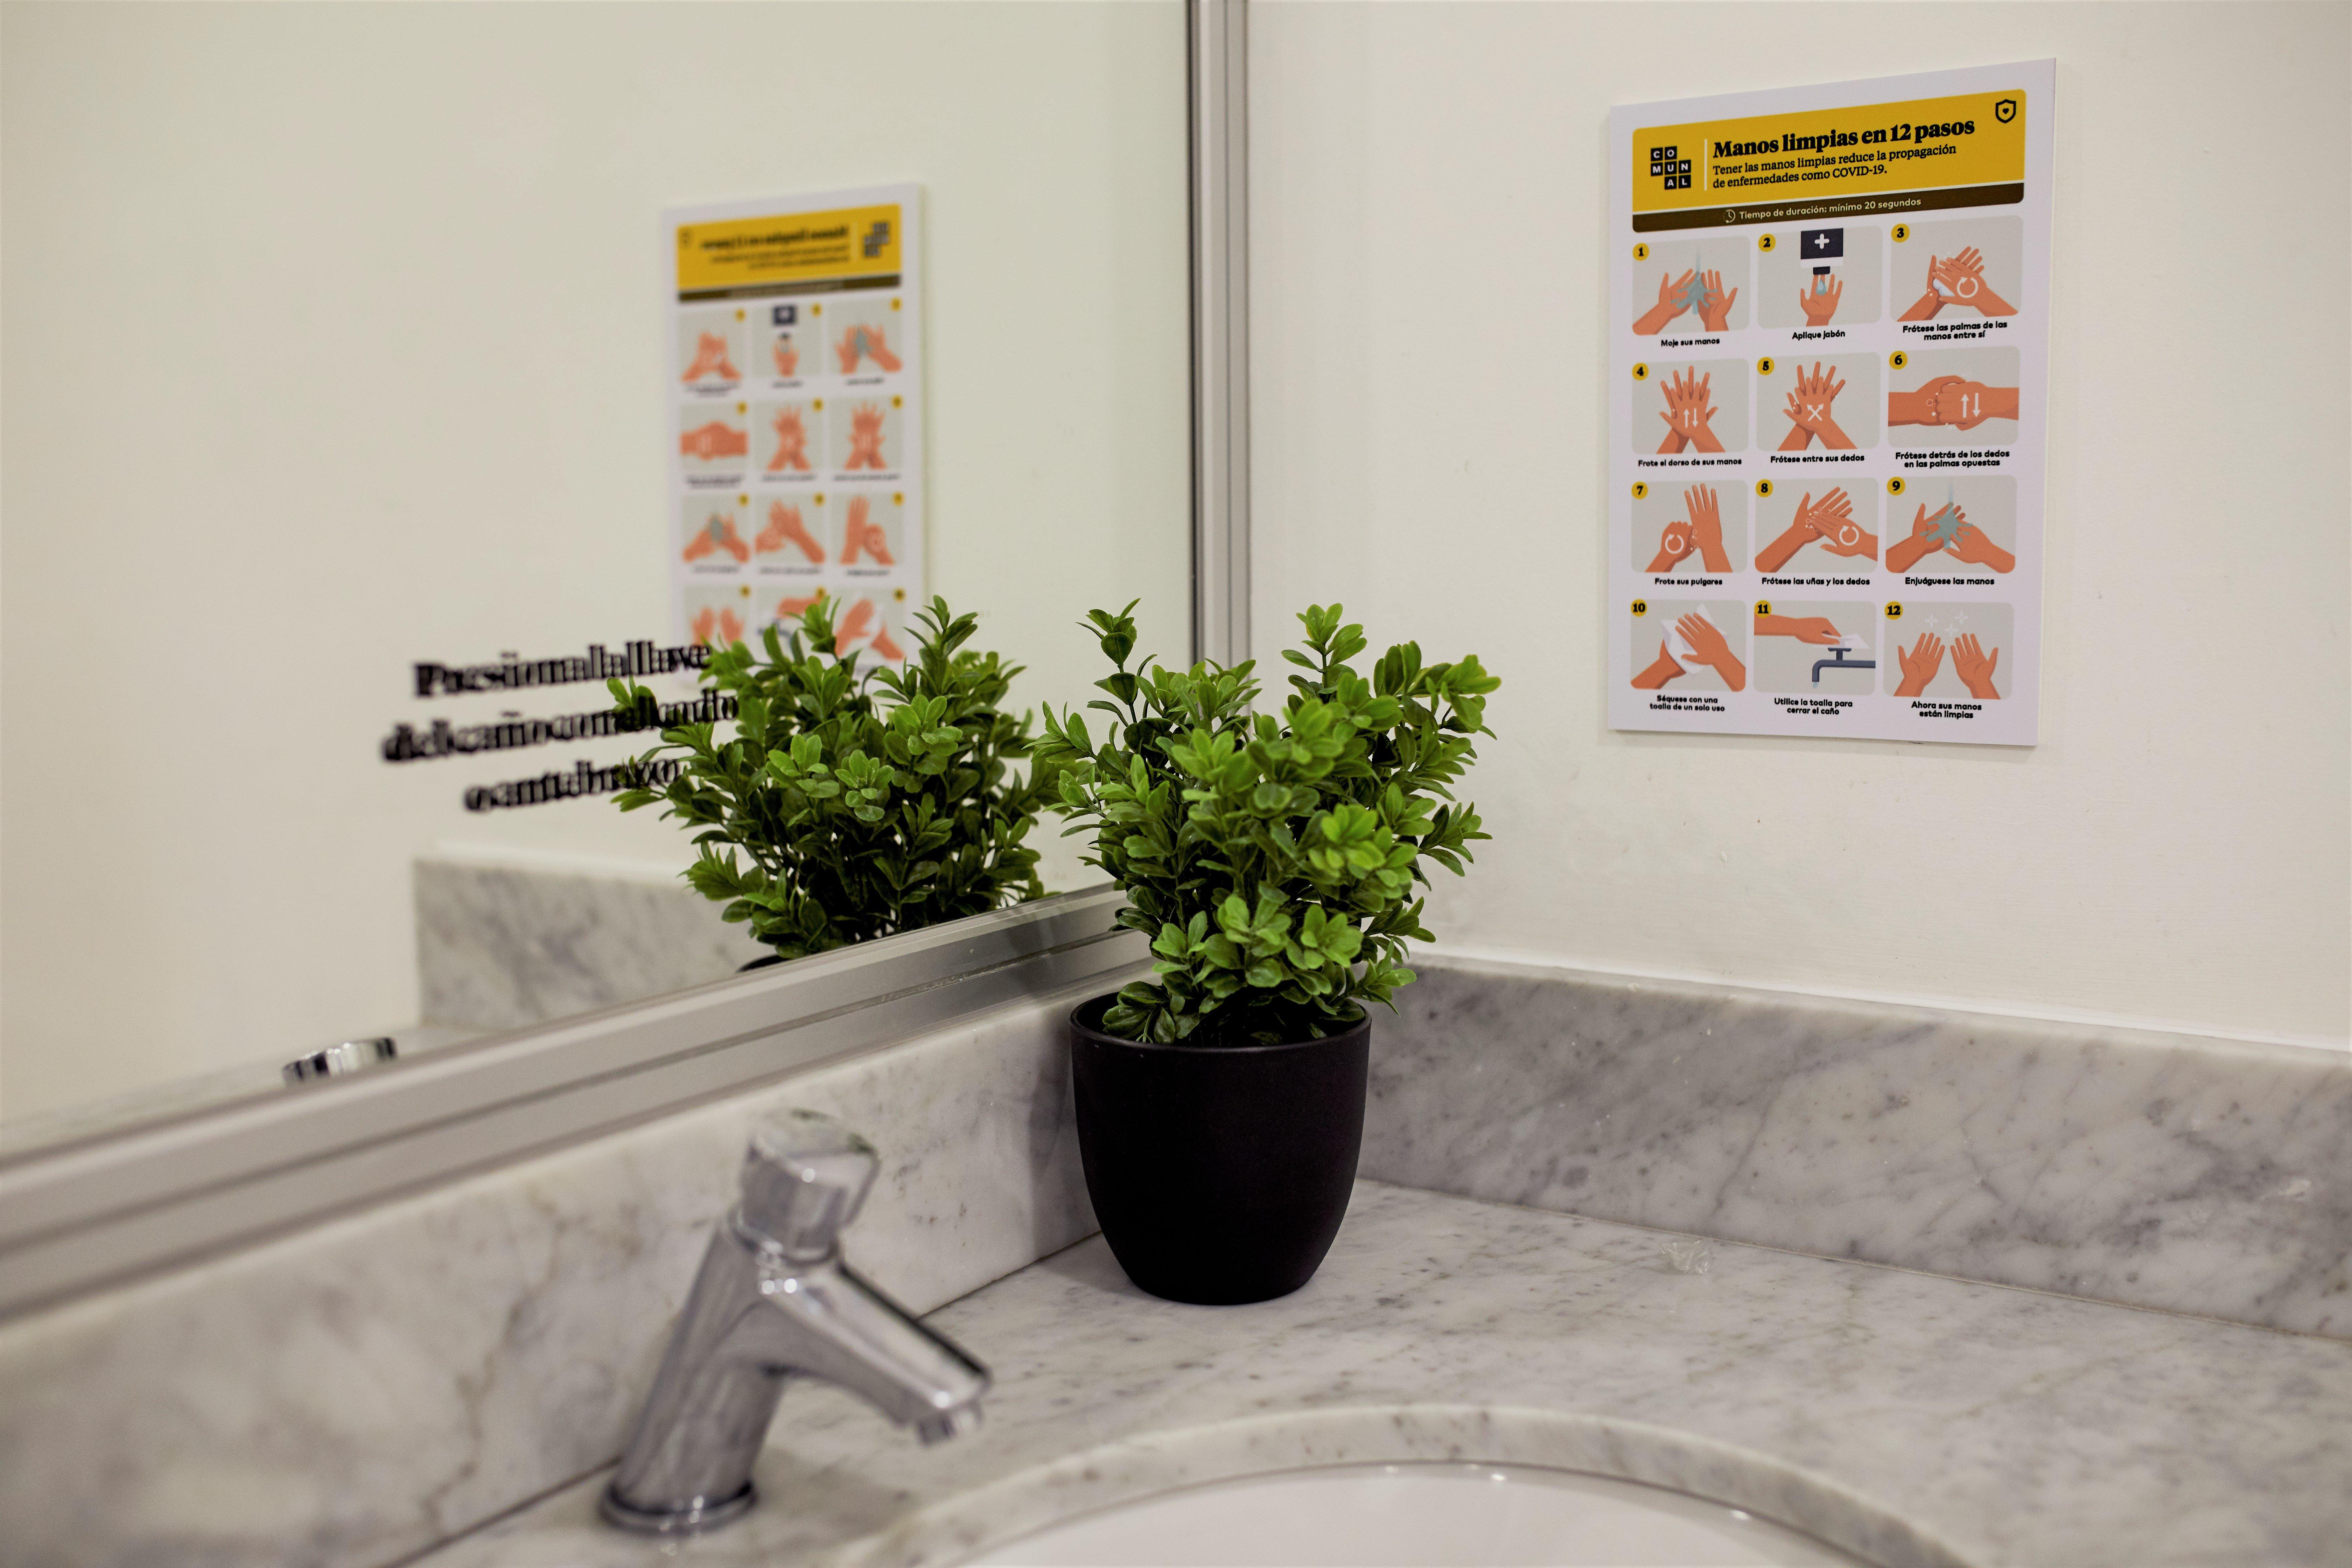 señaletica en baños de comunal